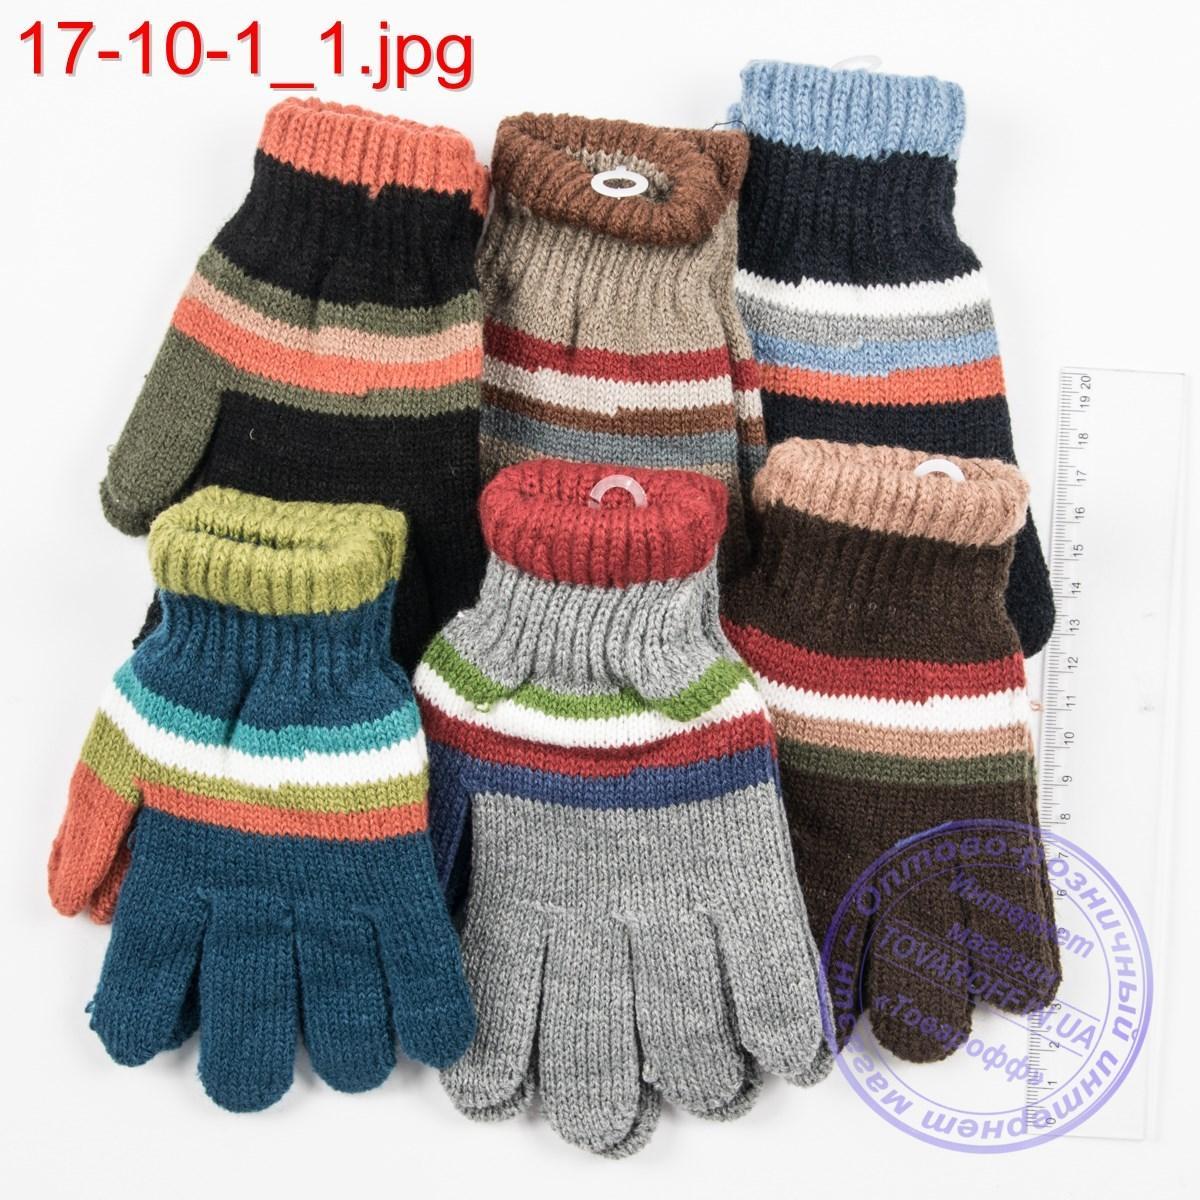 Оптом вязаные перчатки для мальчиков на 6, 7, 8, 9 лет - №17-10-1